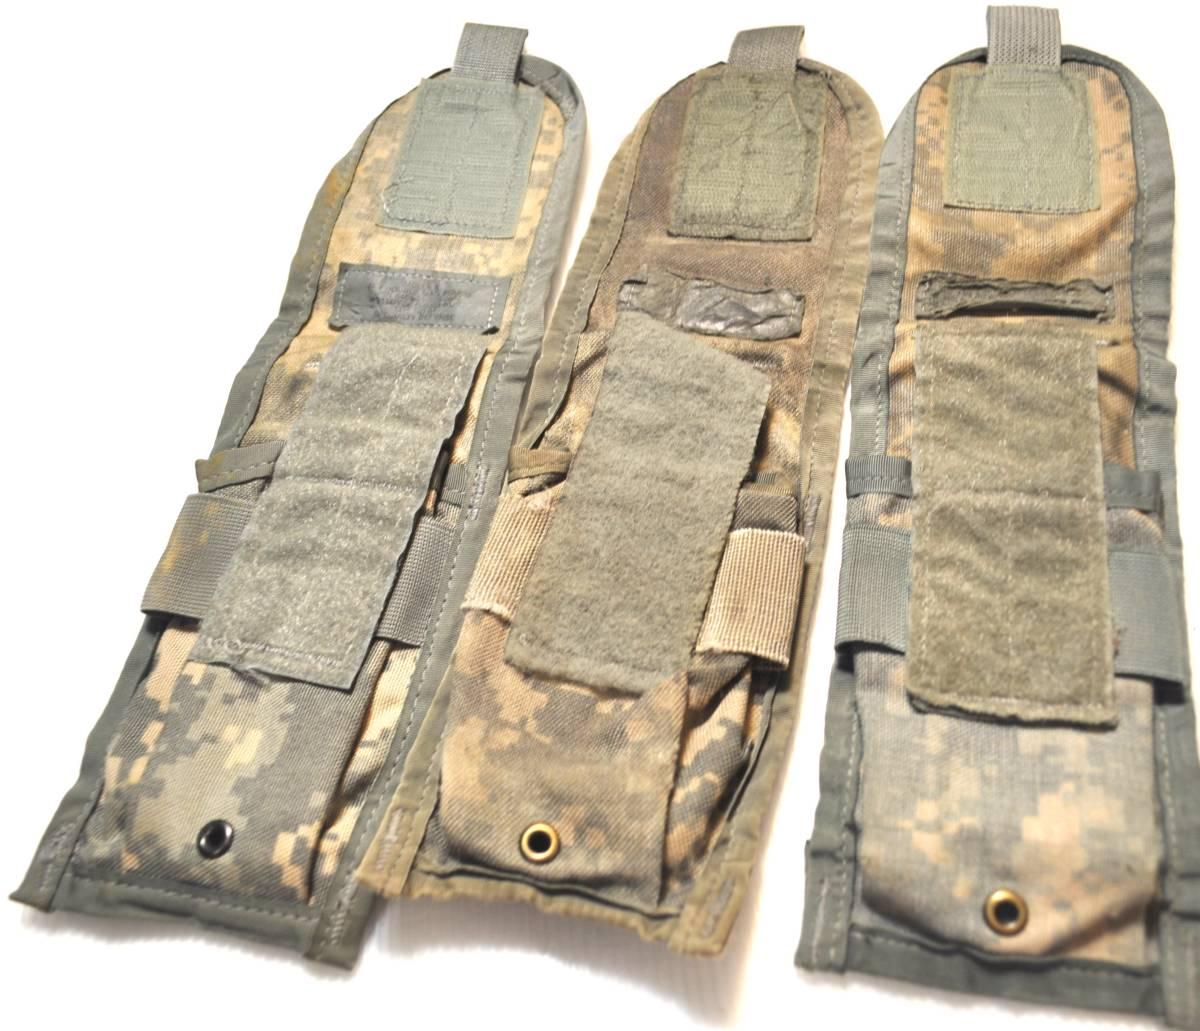 実物 US ARMY 米軍放出品 ACU デジタル迷彩 MOLLE M4 M16 HK416シリーズ用 ダブルマガジンポーチ 3つ 中古 Aca_画像2